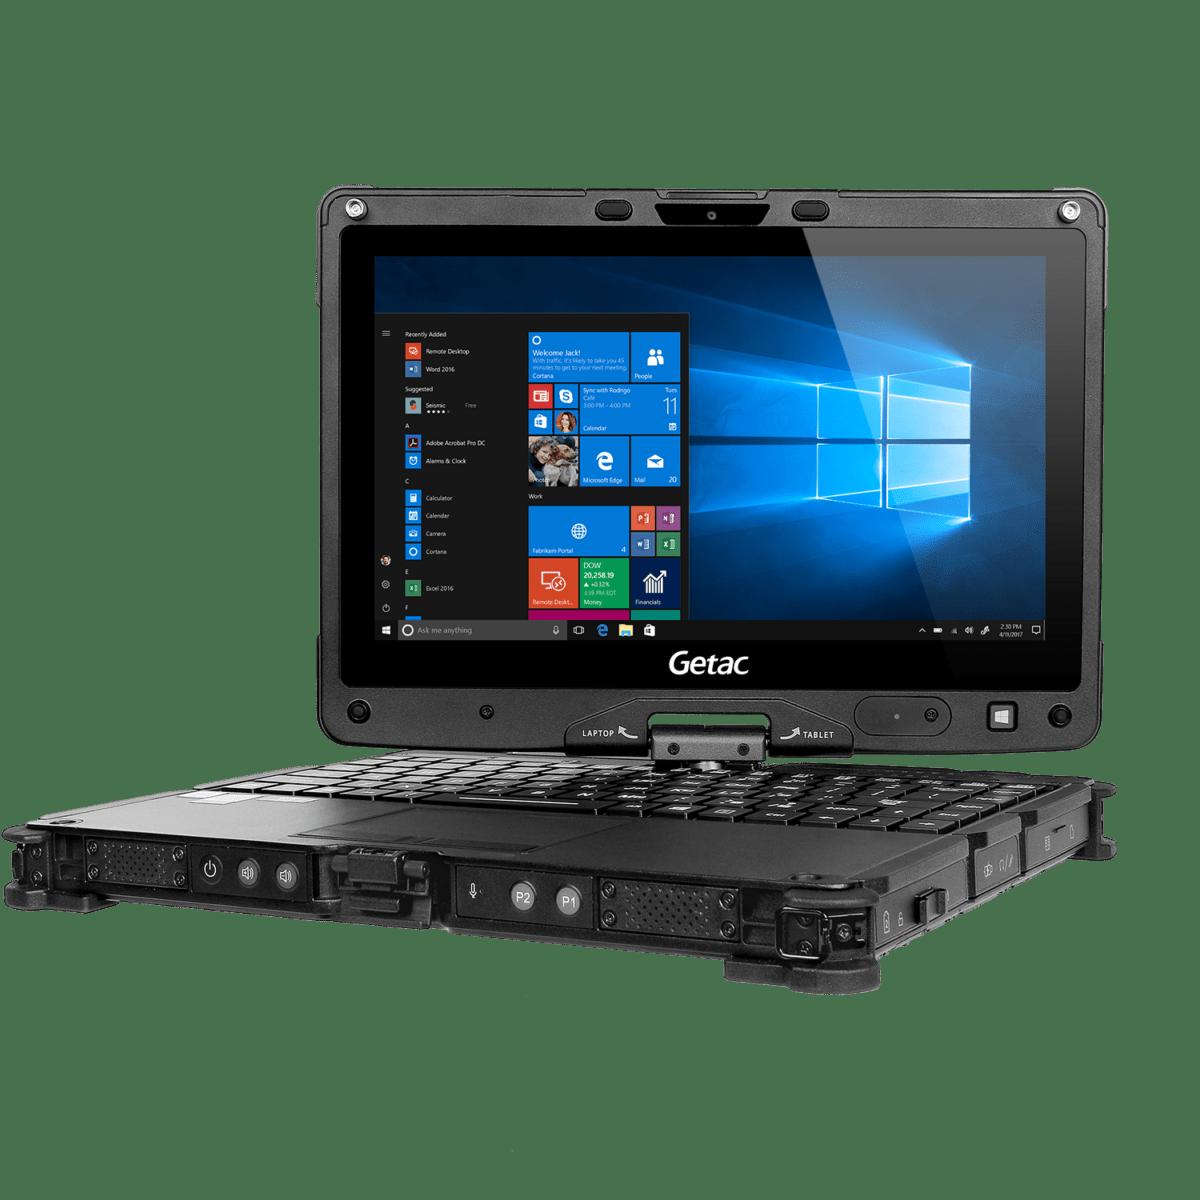 Getac V110-G4 Outdoor Notebook